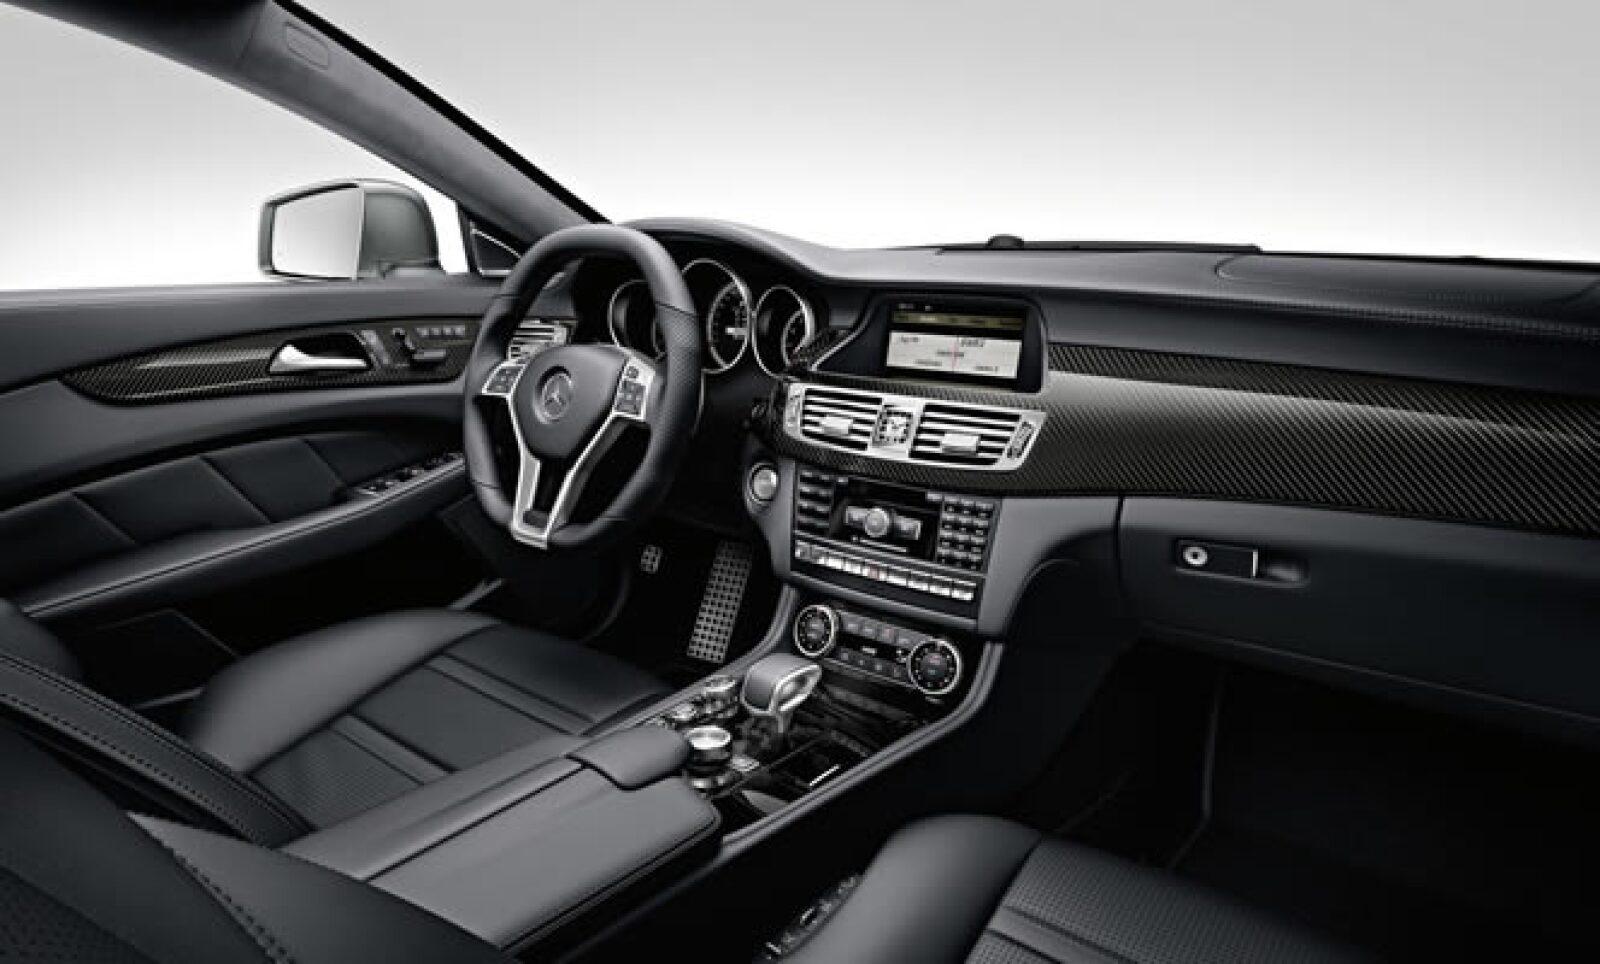 El interior del vehículo tiene asientos en piel importada de Italia, calefacción personalizada en cada asiento, sistema GPS táctil, sonido BOSE y reproductor de Blu-Ray en la parte posterior.